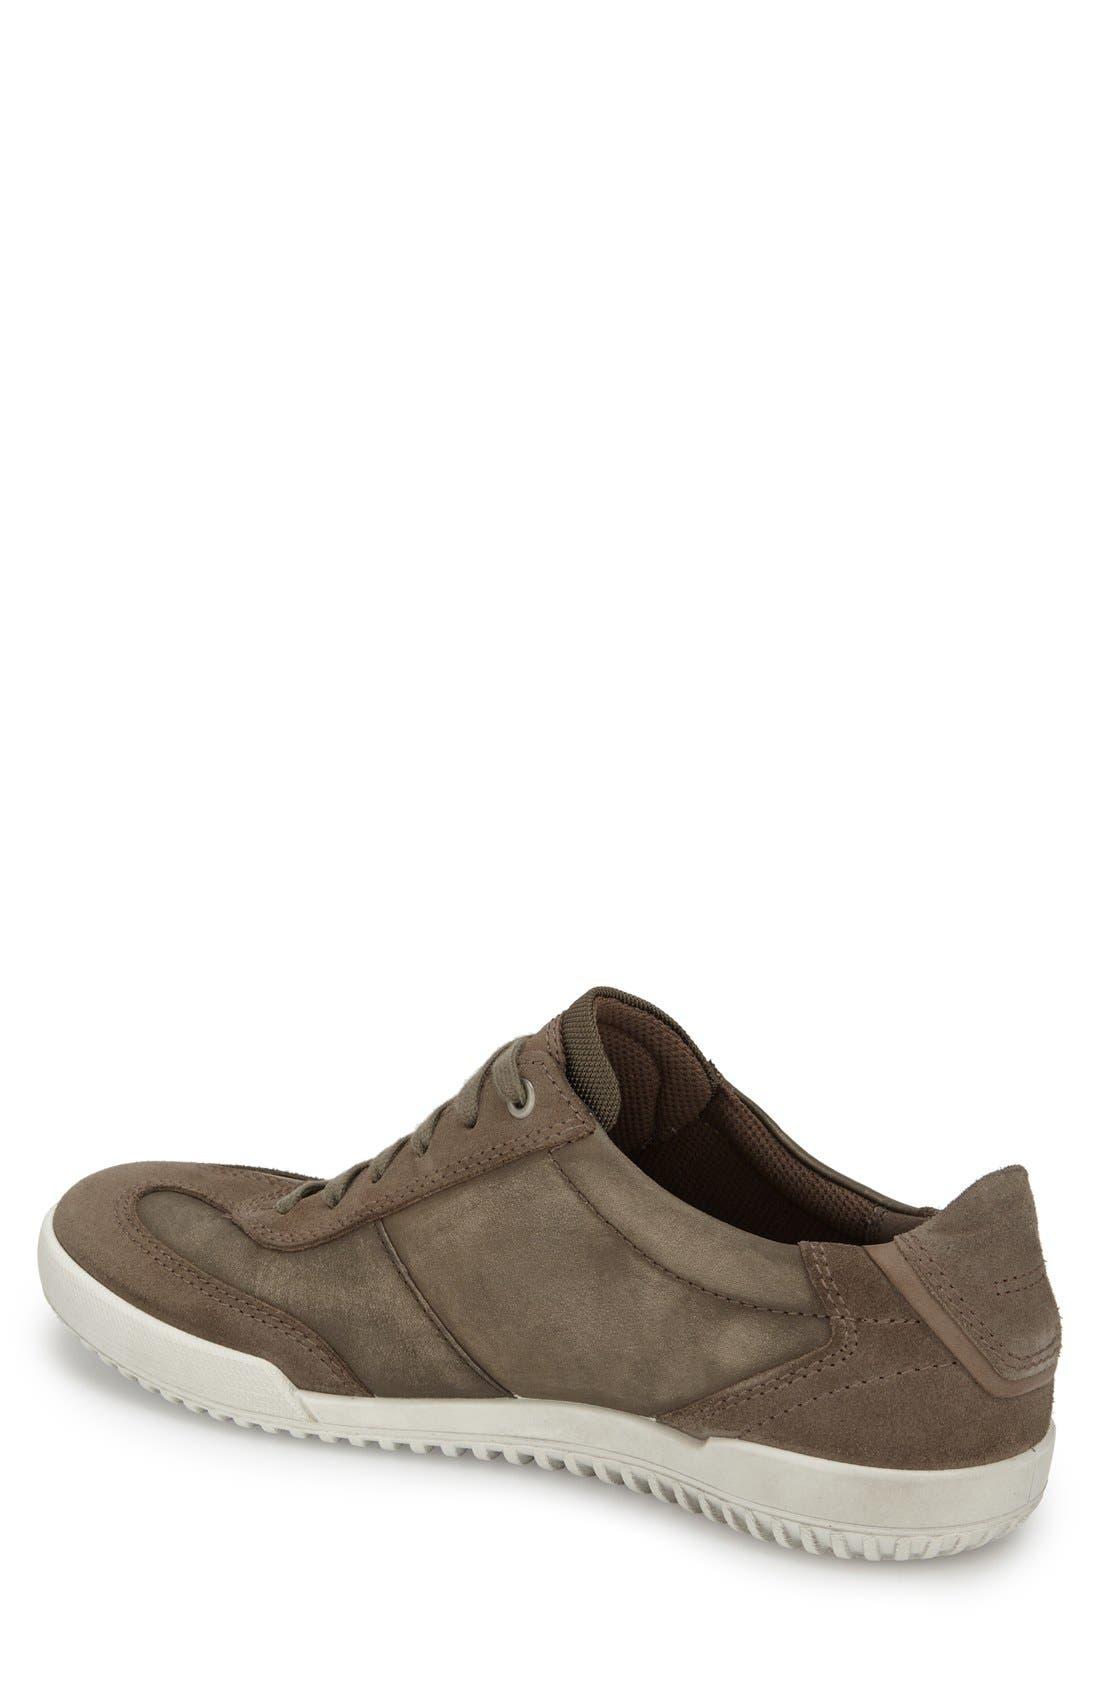 'Graham' Sneaker,                             Alternate thumbnail 3, color,                             035